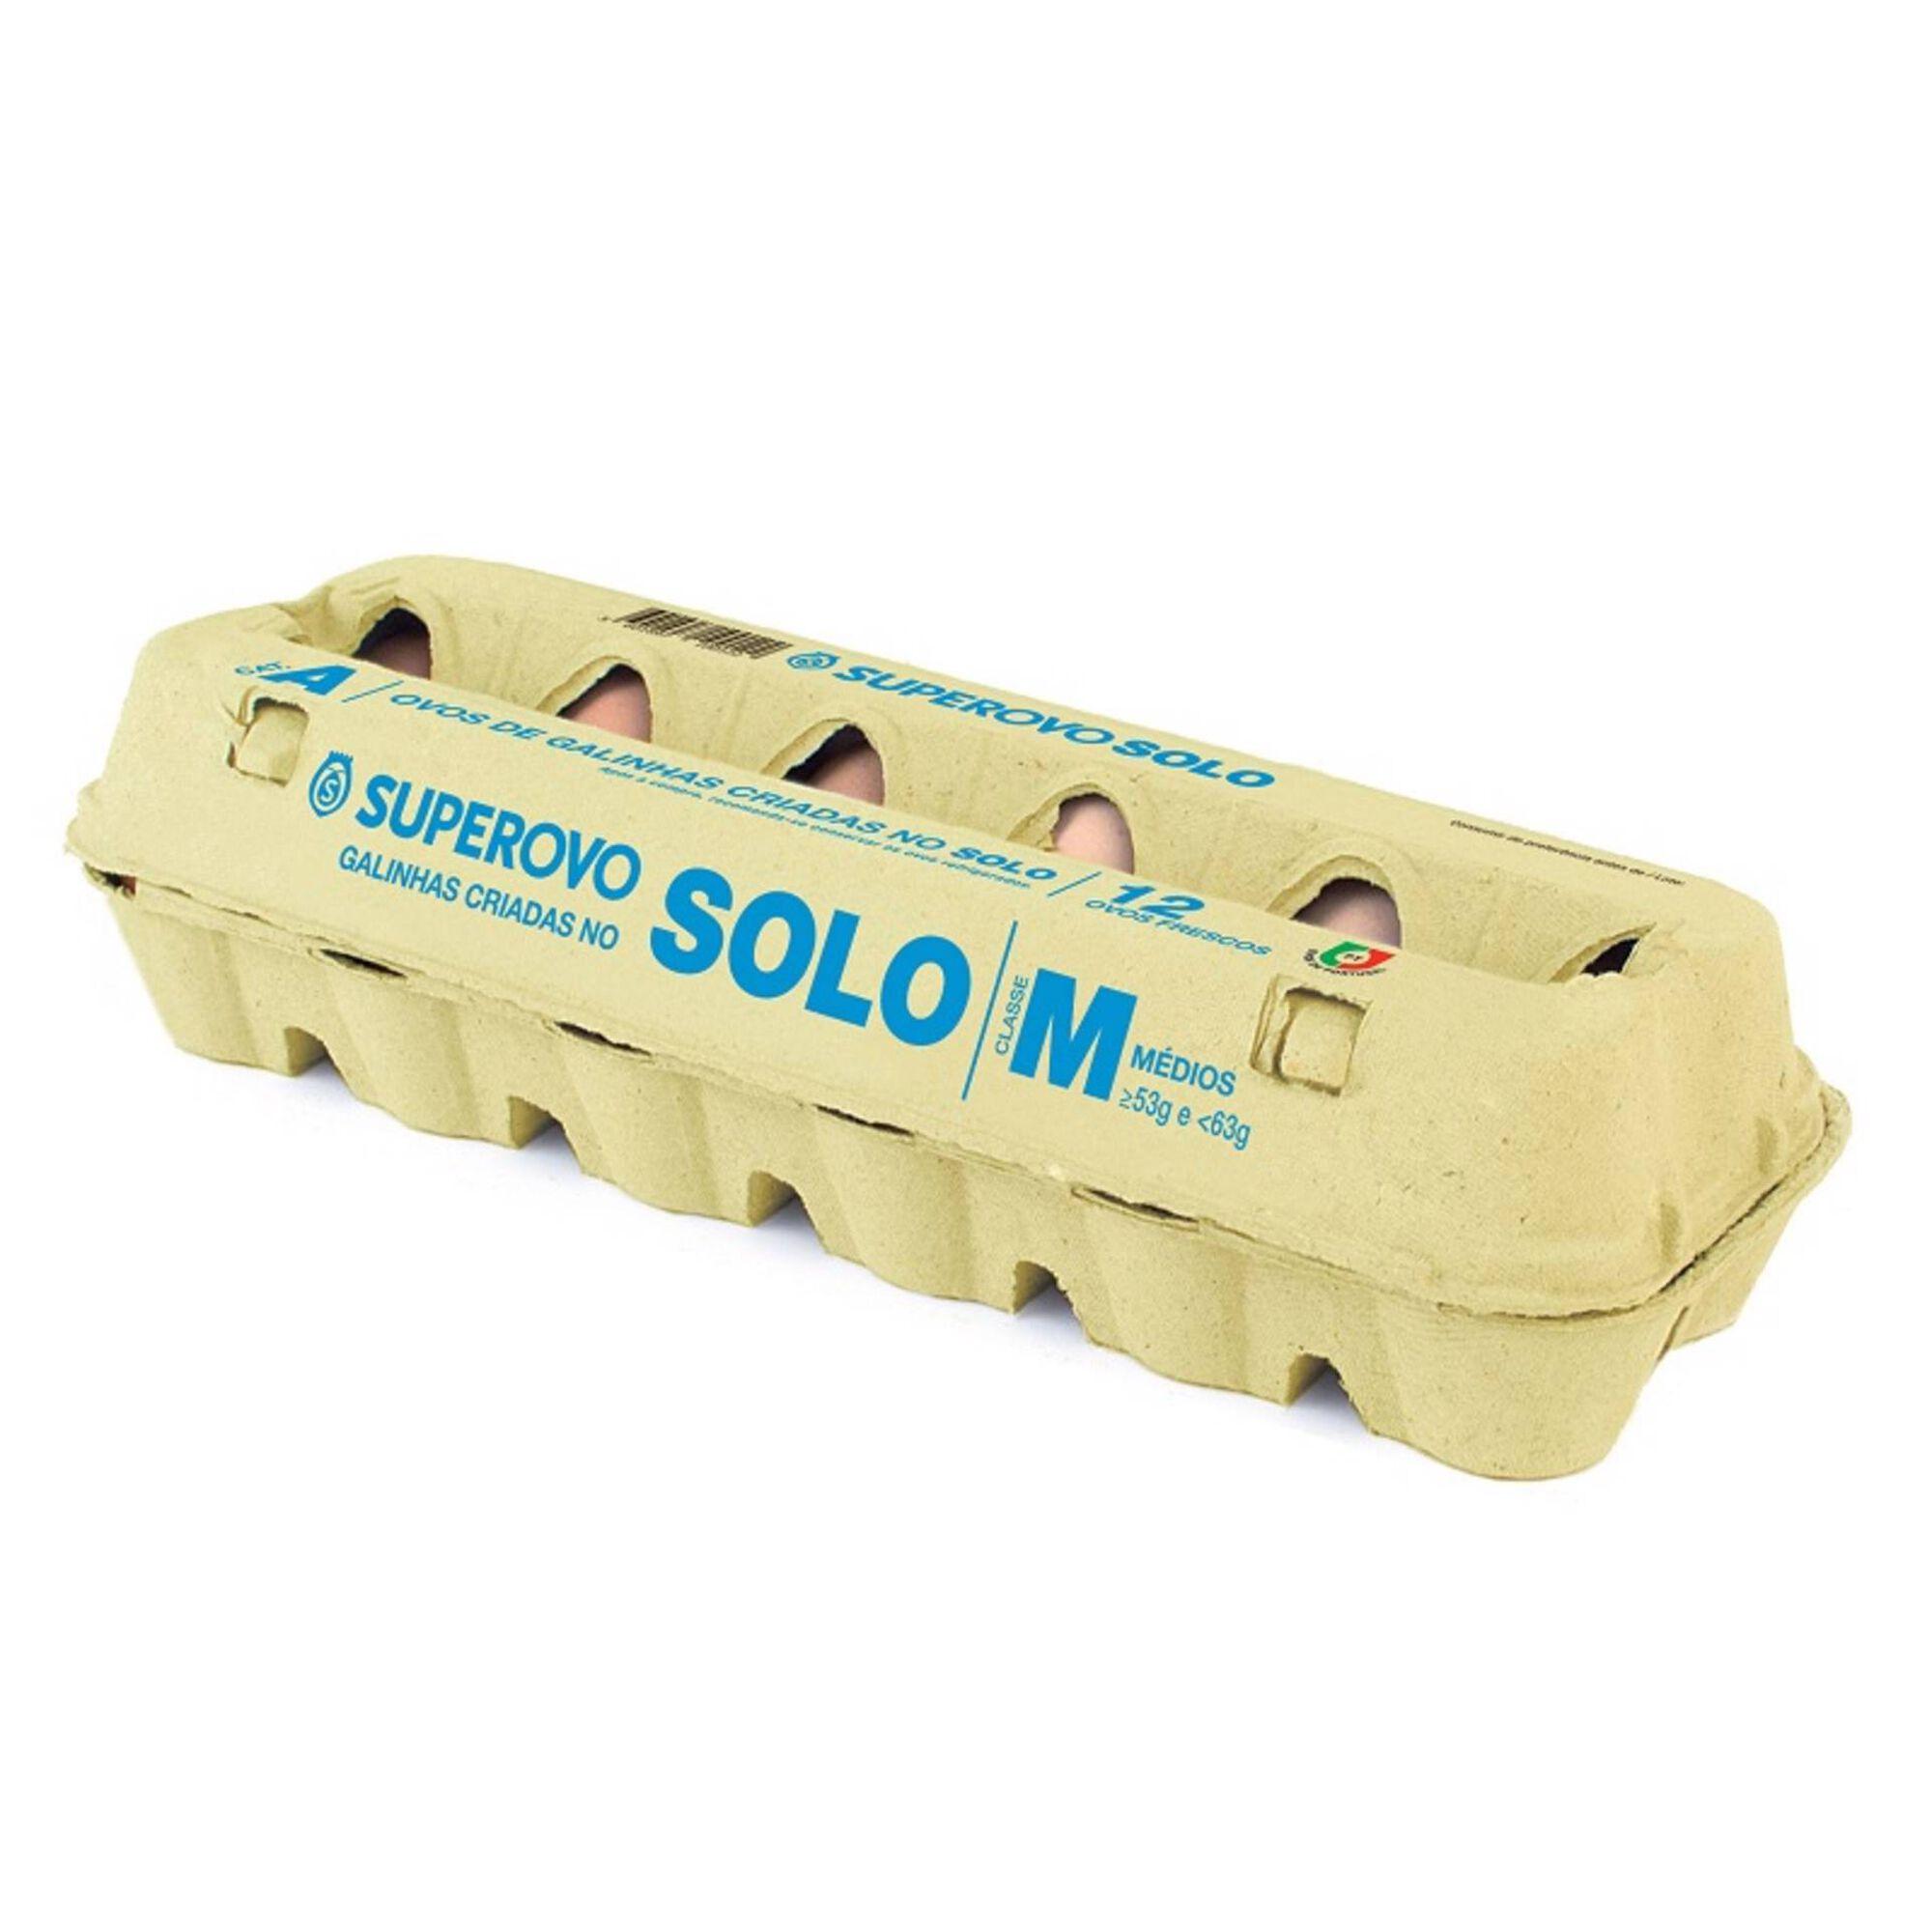 Ovos de Solo Classe M